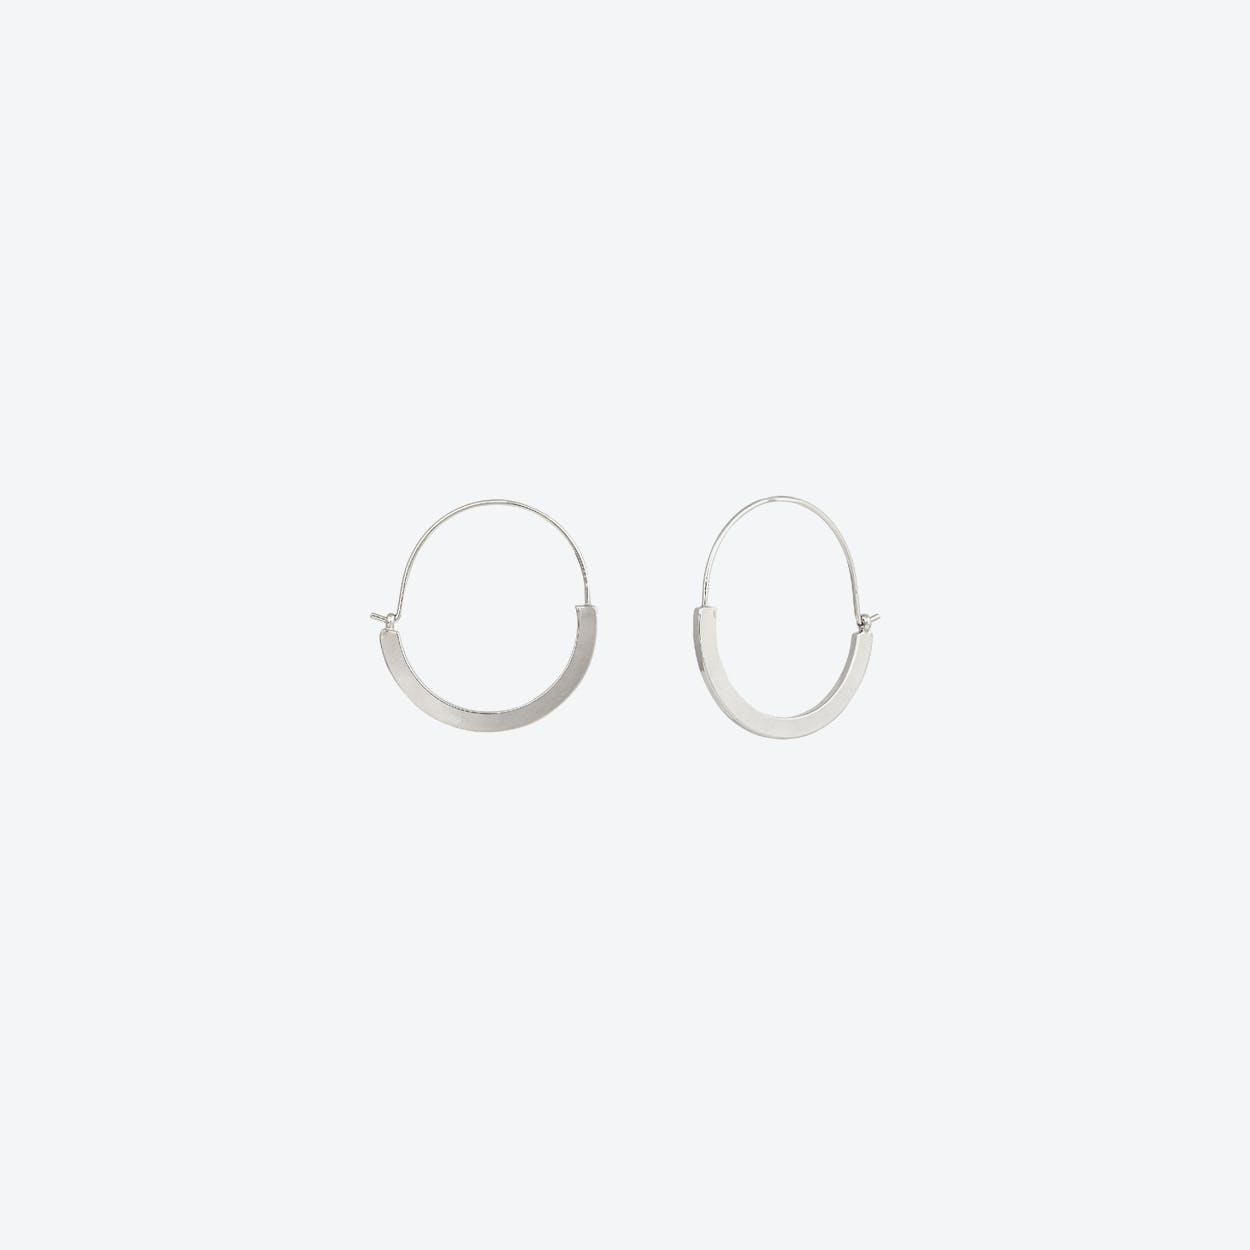 Sleek White Gold Hoop Earrings